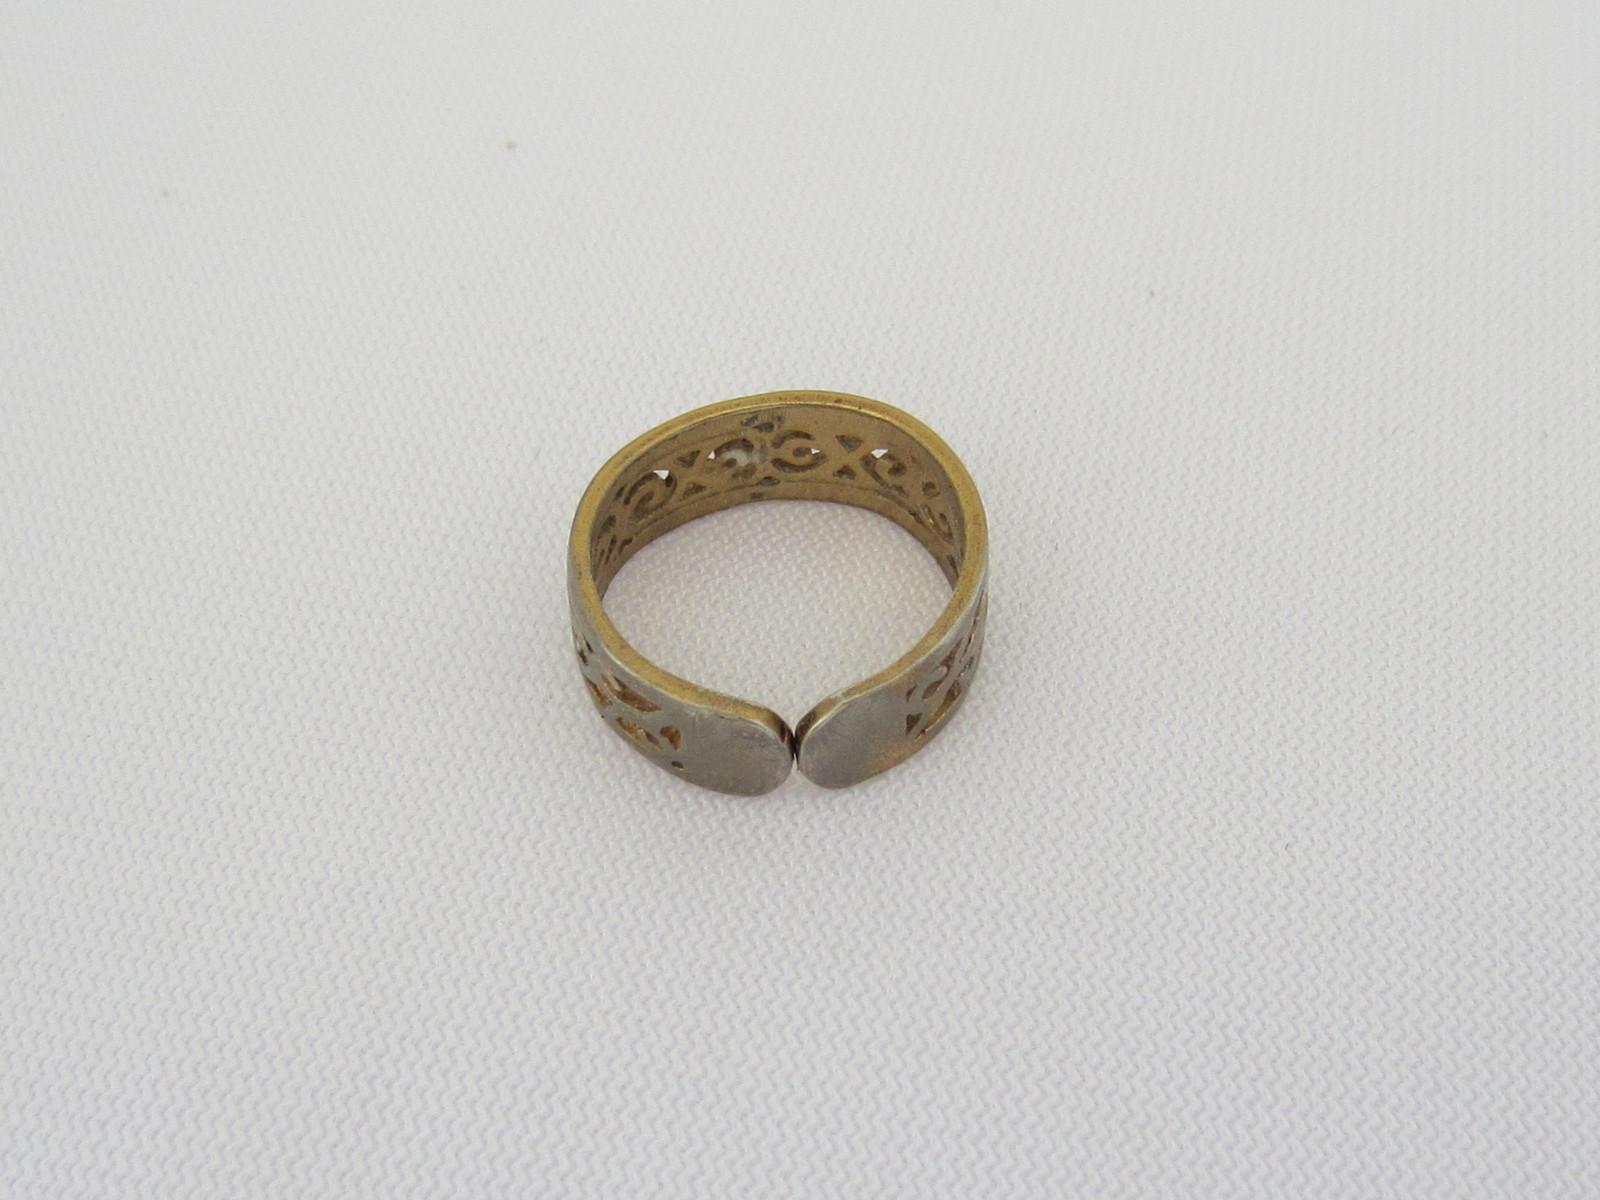 Vintage Sterling Silver Adjustable Filigree Band Ring Size 3